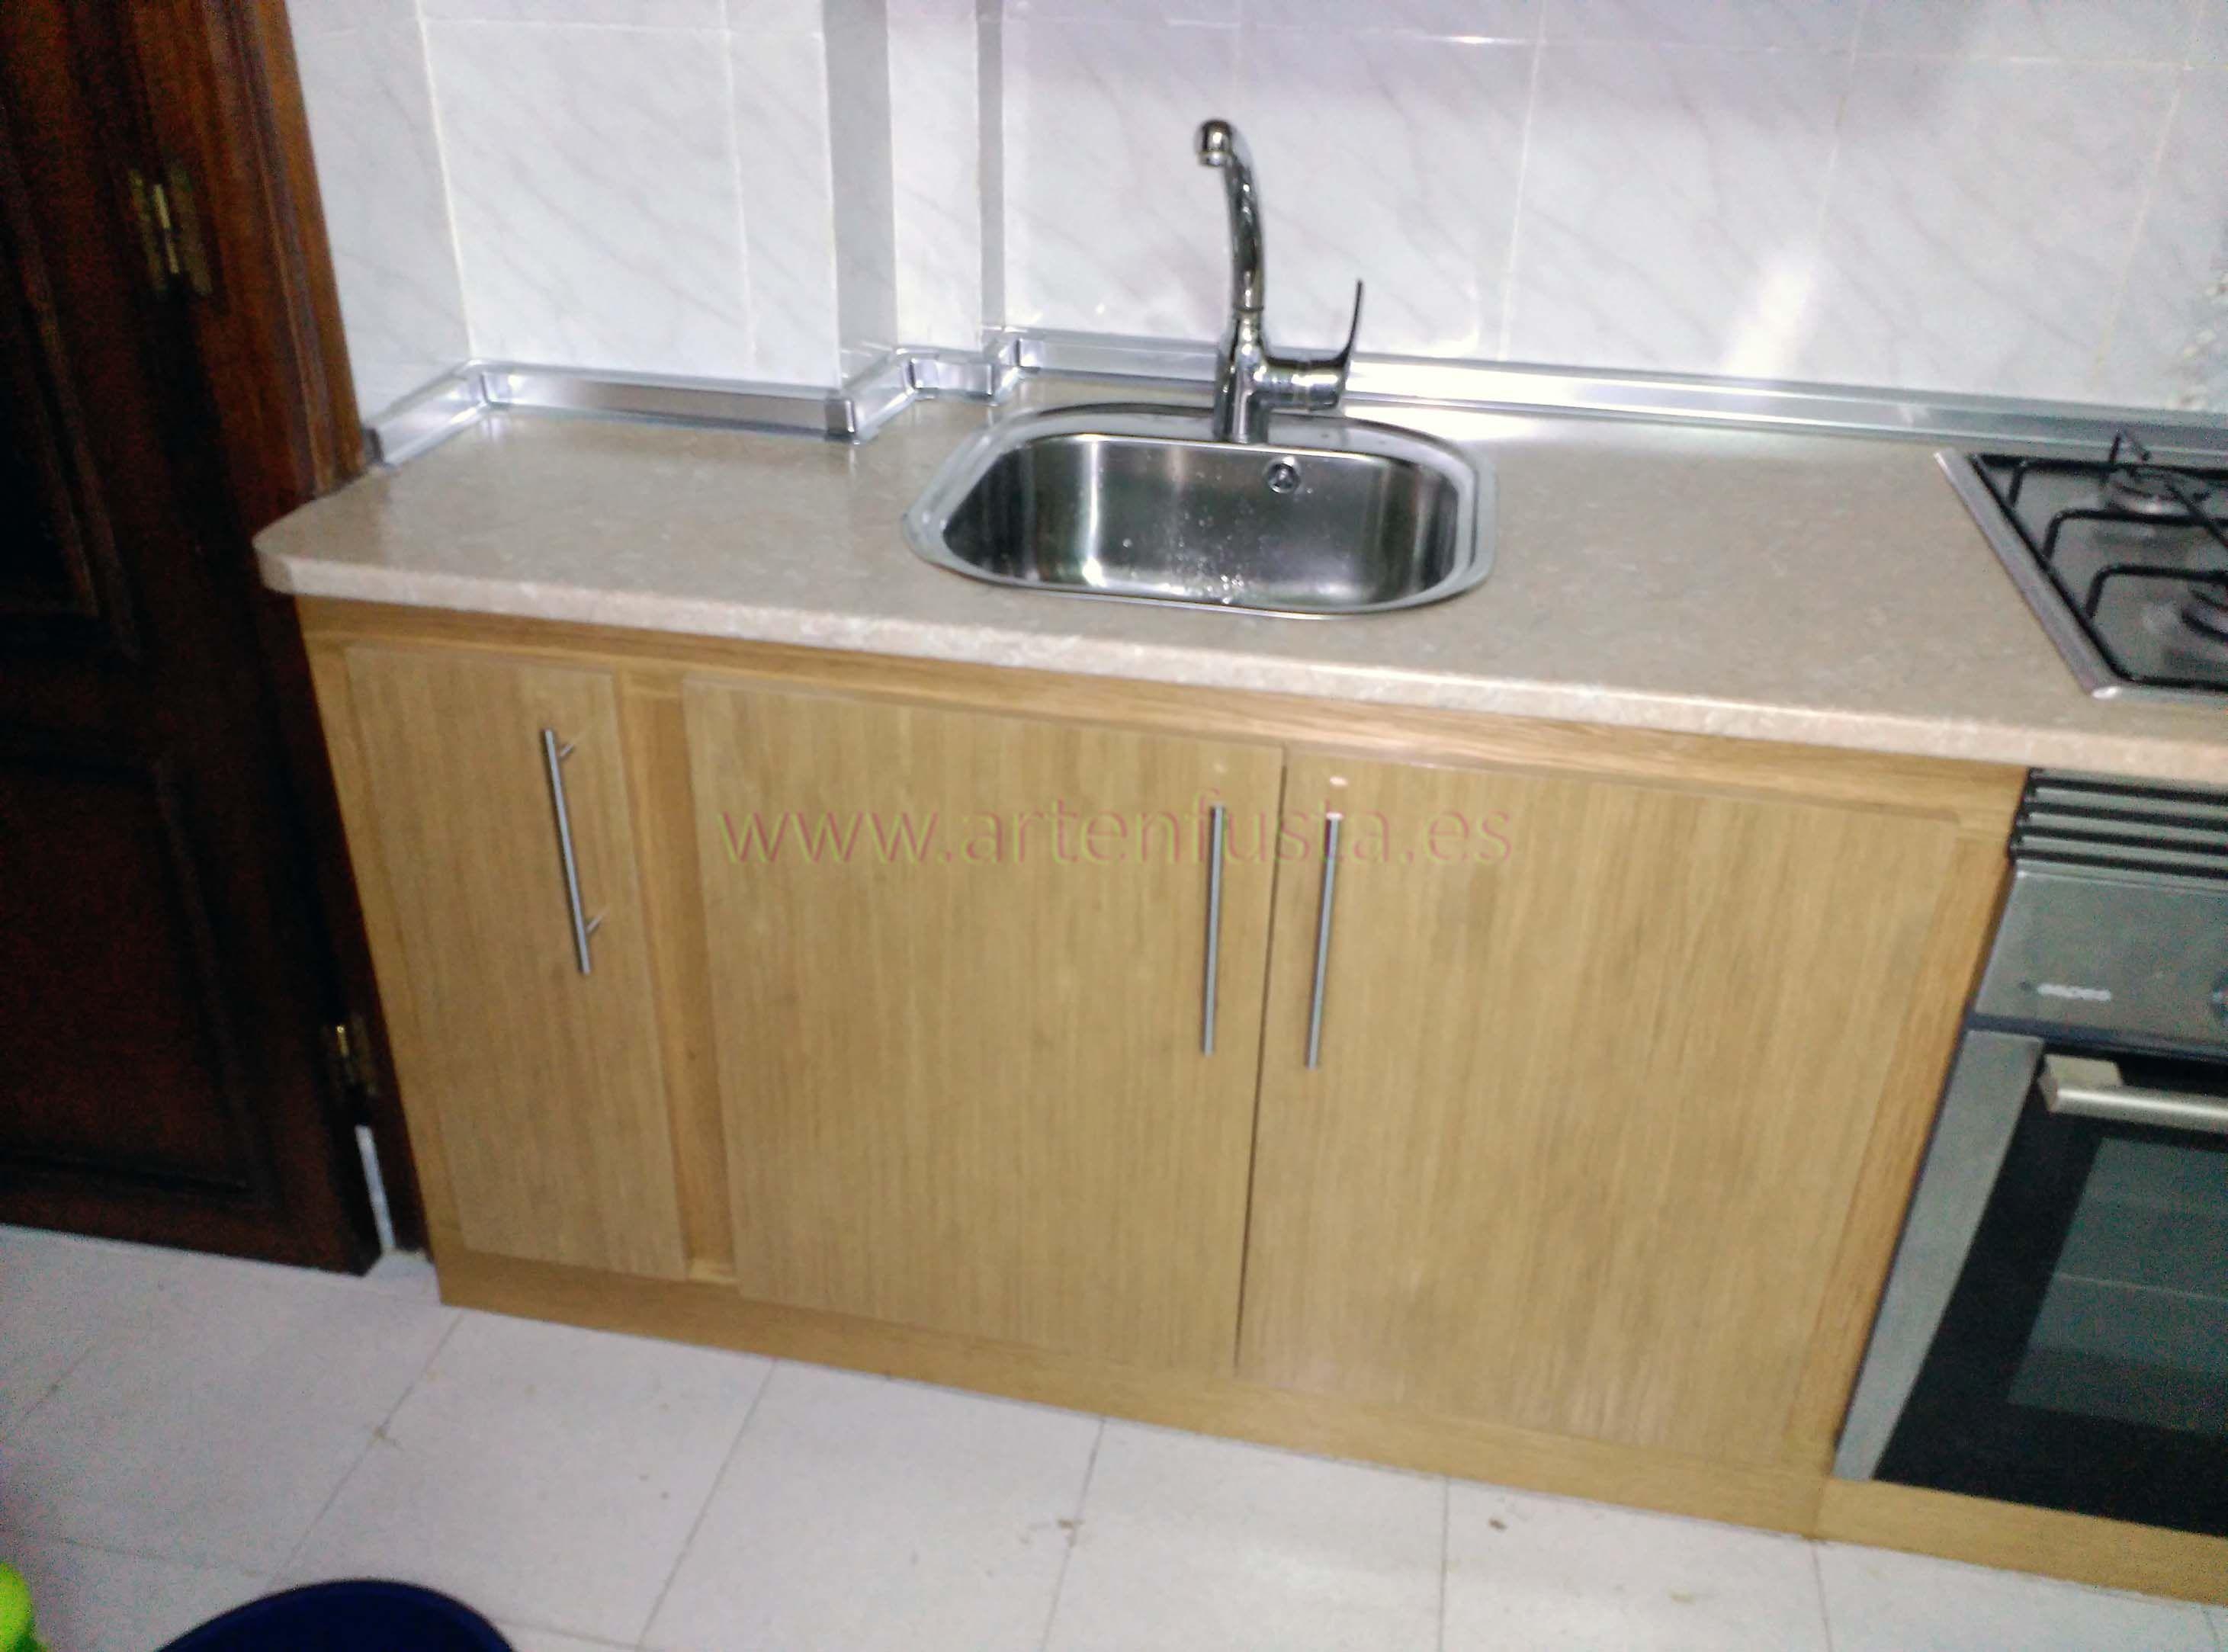 Muebles cocina alicante elegant ofertas de muebles de - Cocinas en alicante ...